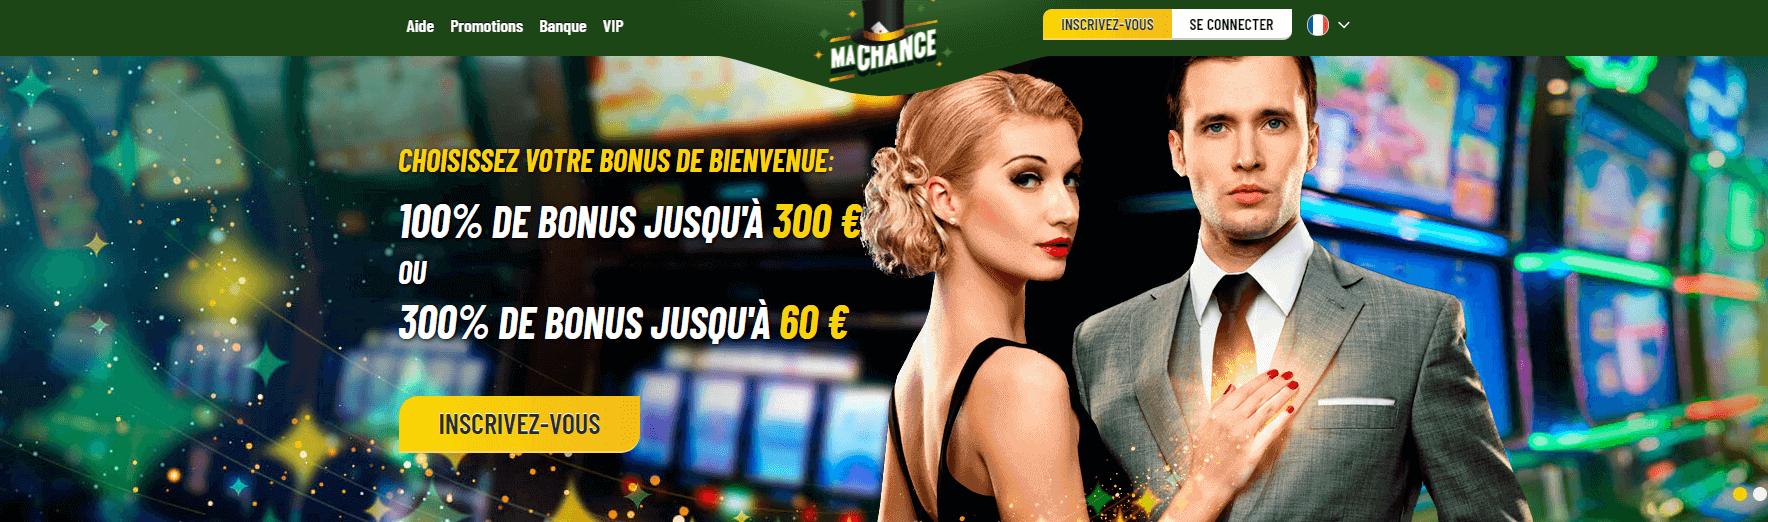 Ma Chance Casino Revue